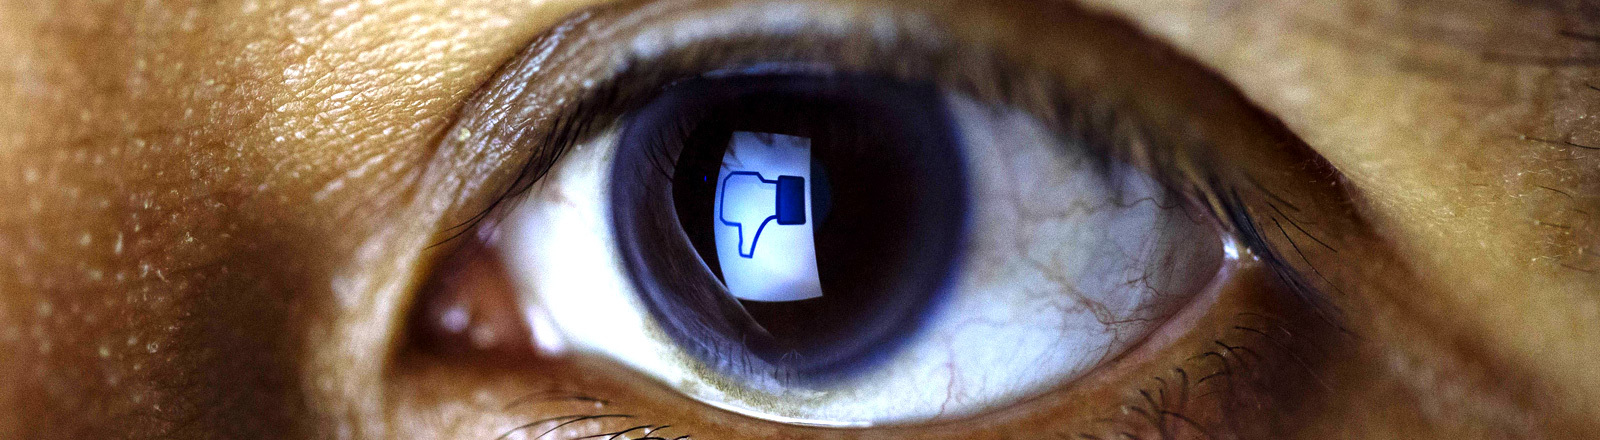 Auge mit einem Facebook-Daumen-Runter in der Pupille